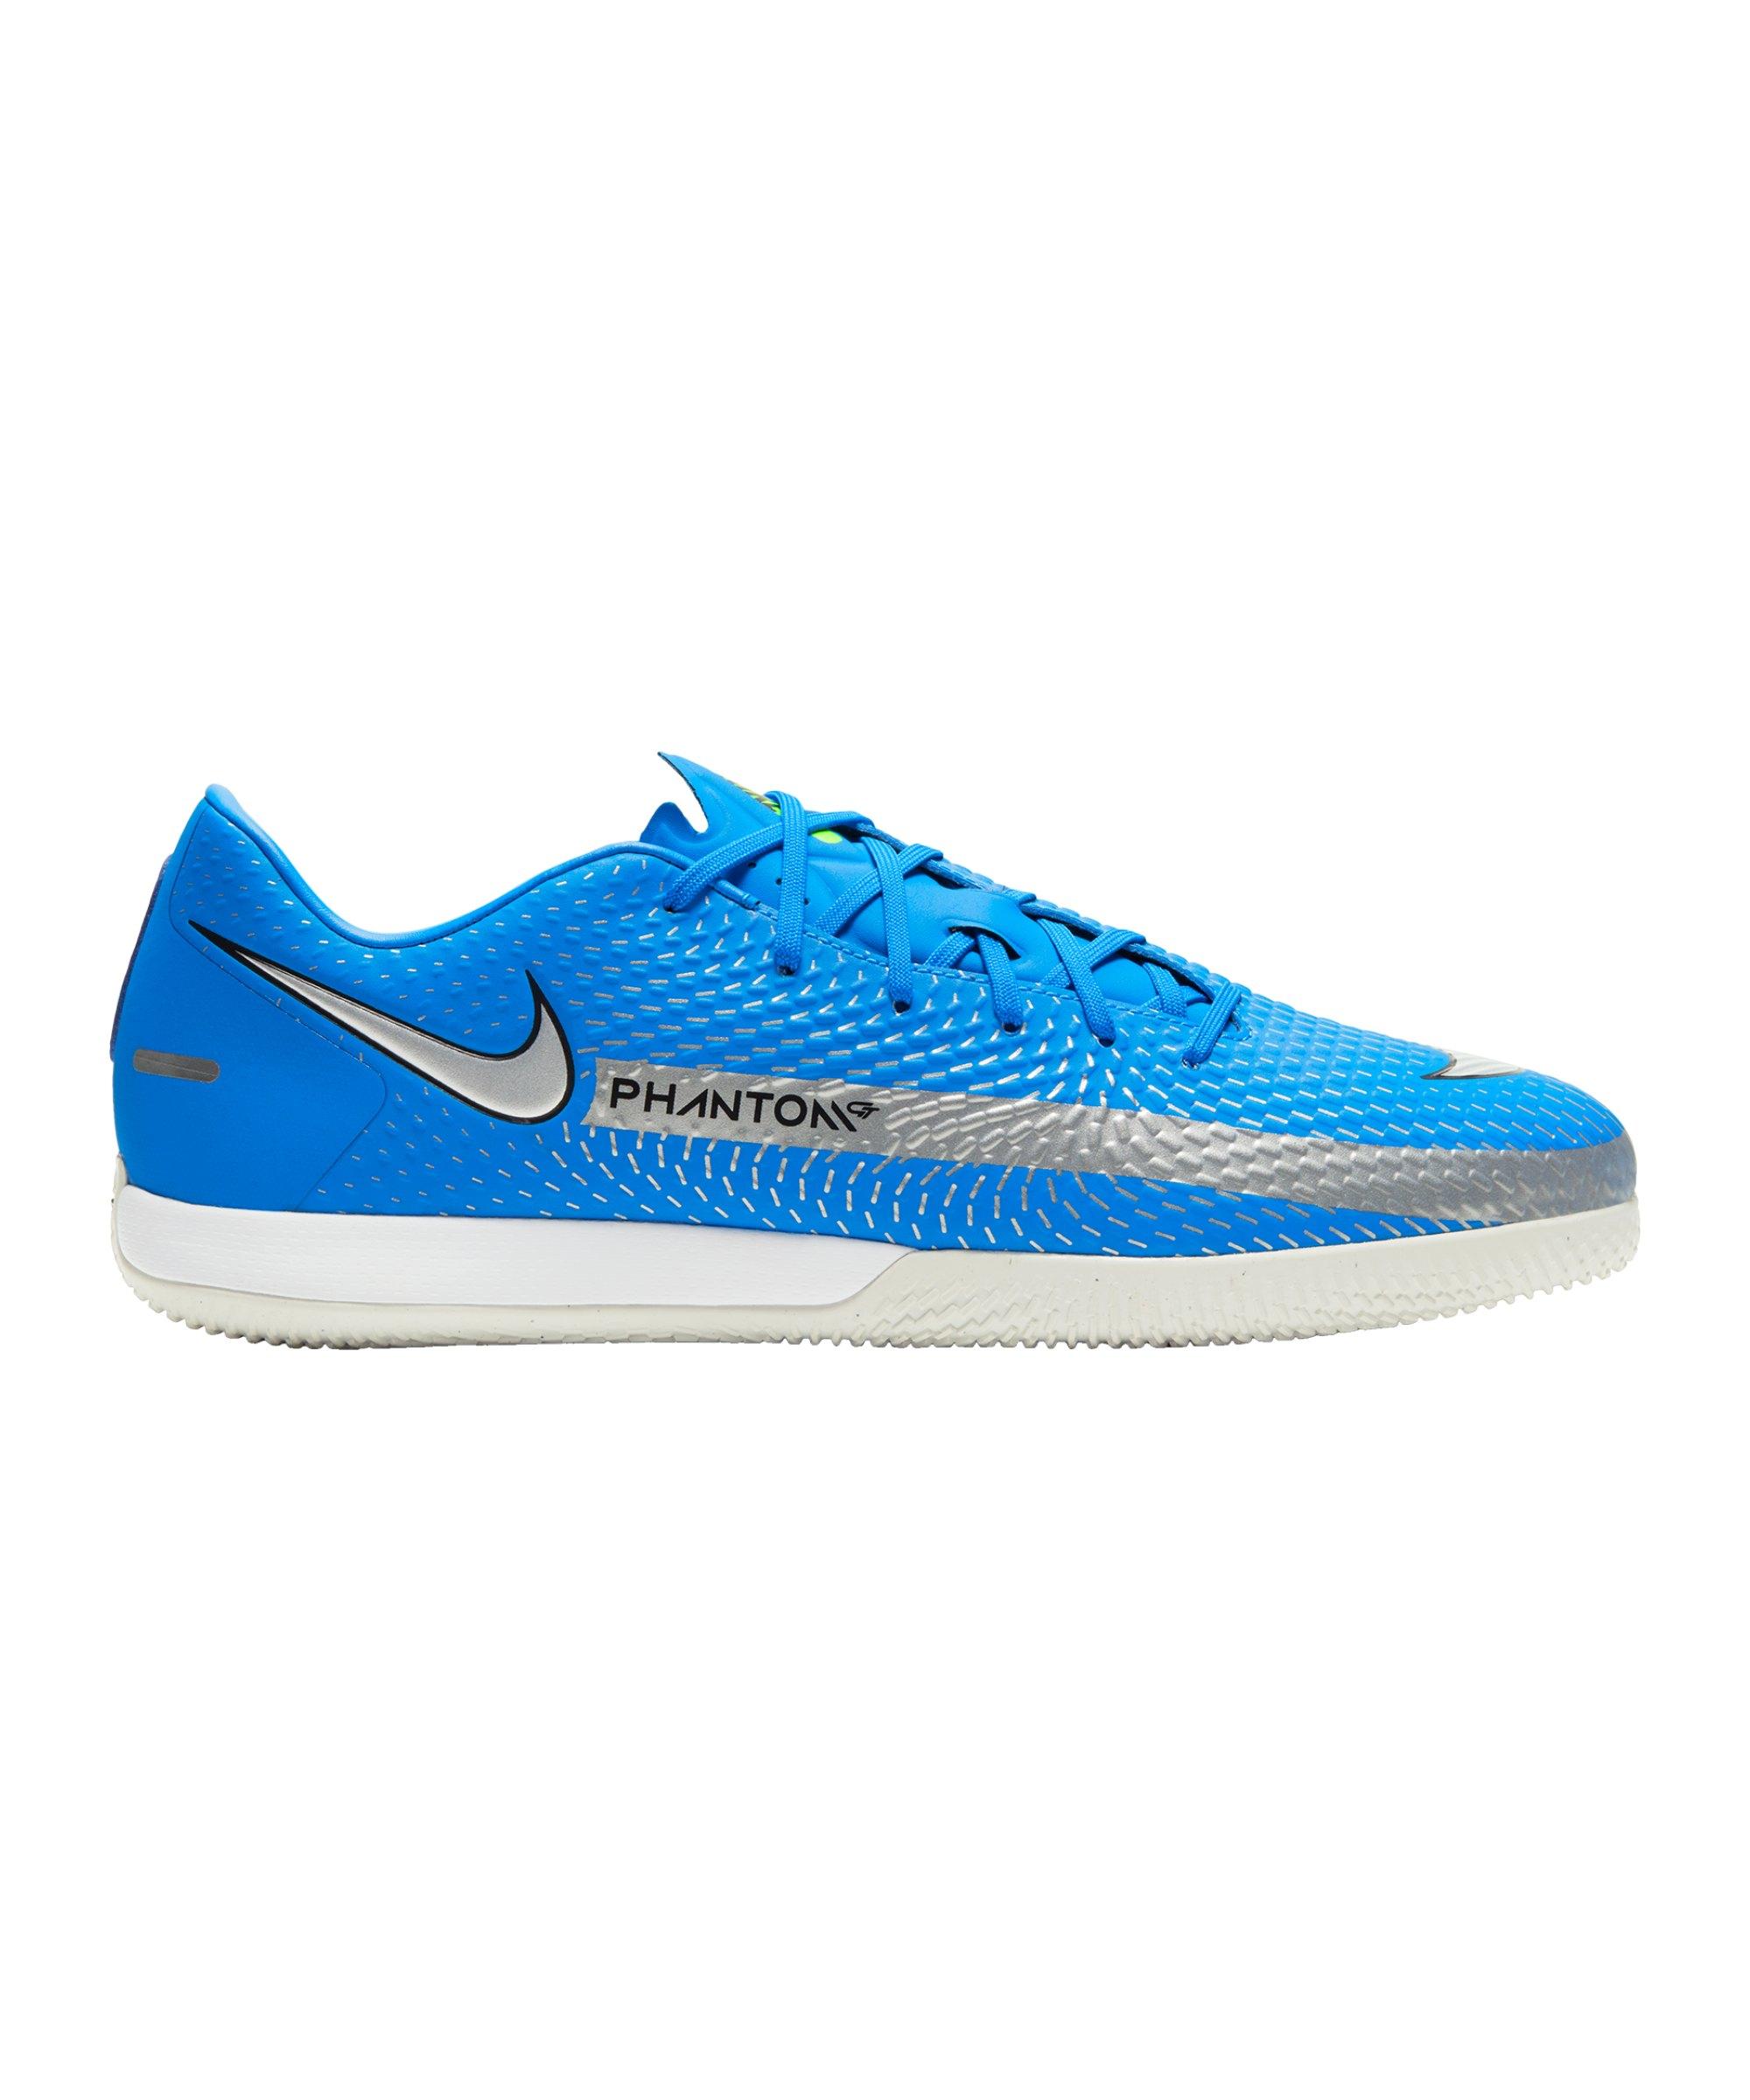 Nike Phantom GT Spectrum Academy IC Blau F400 - blau